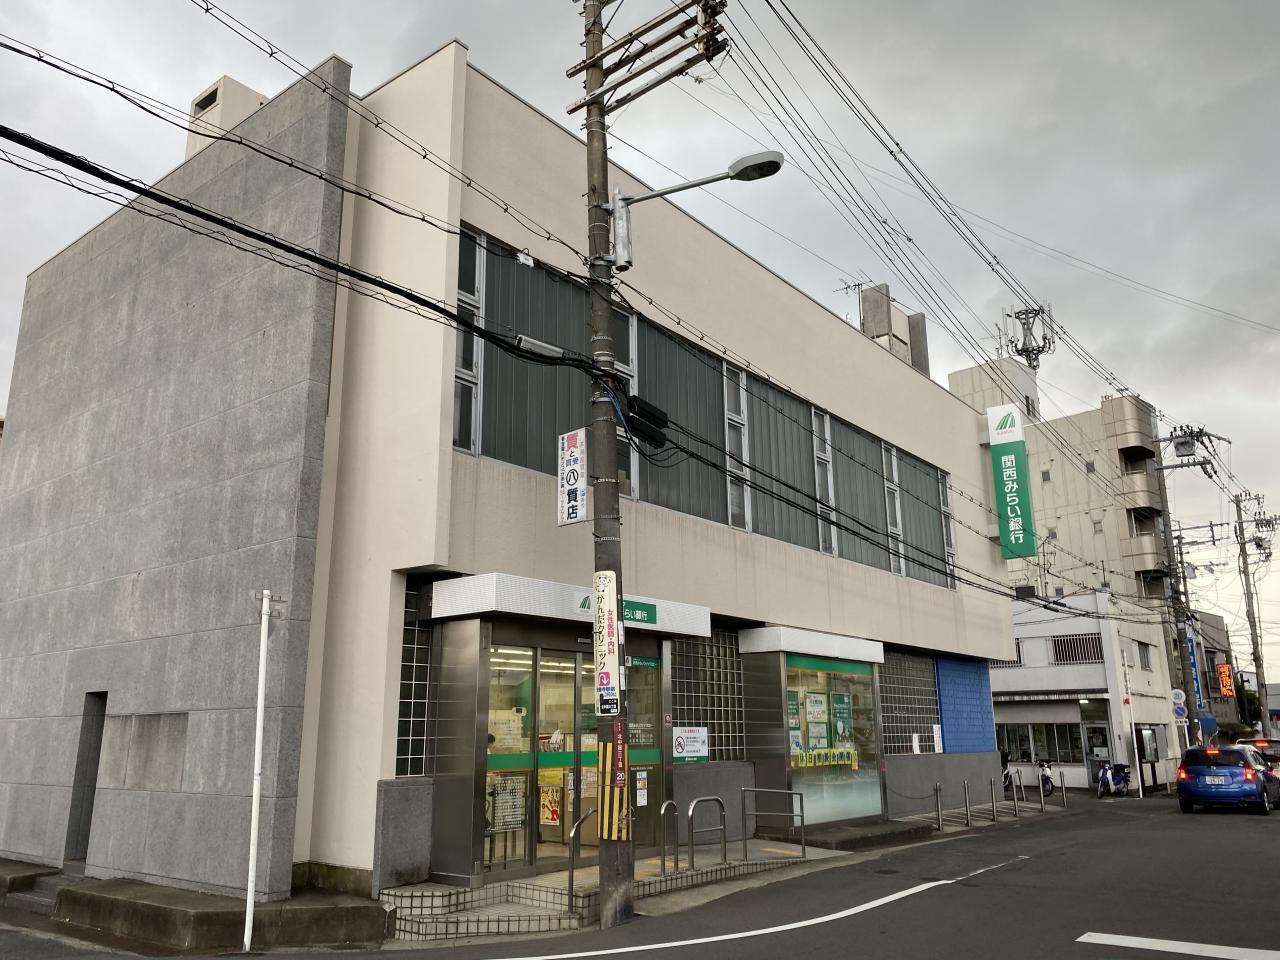 (株)関西みらい銀行 光善寺駅前出張所